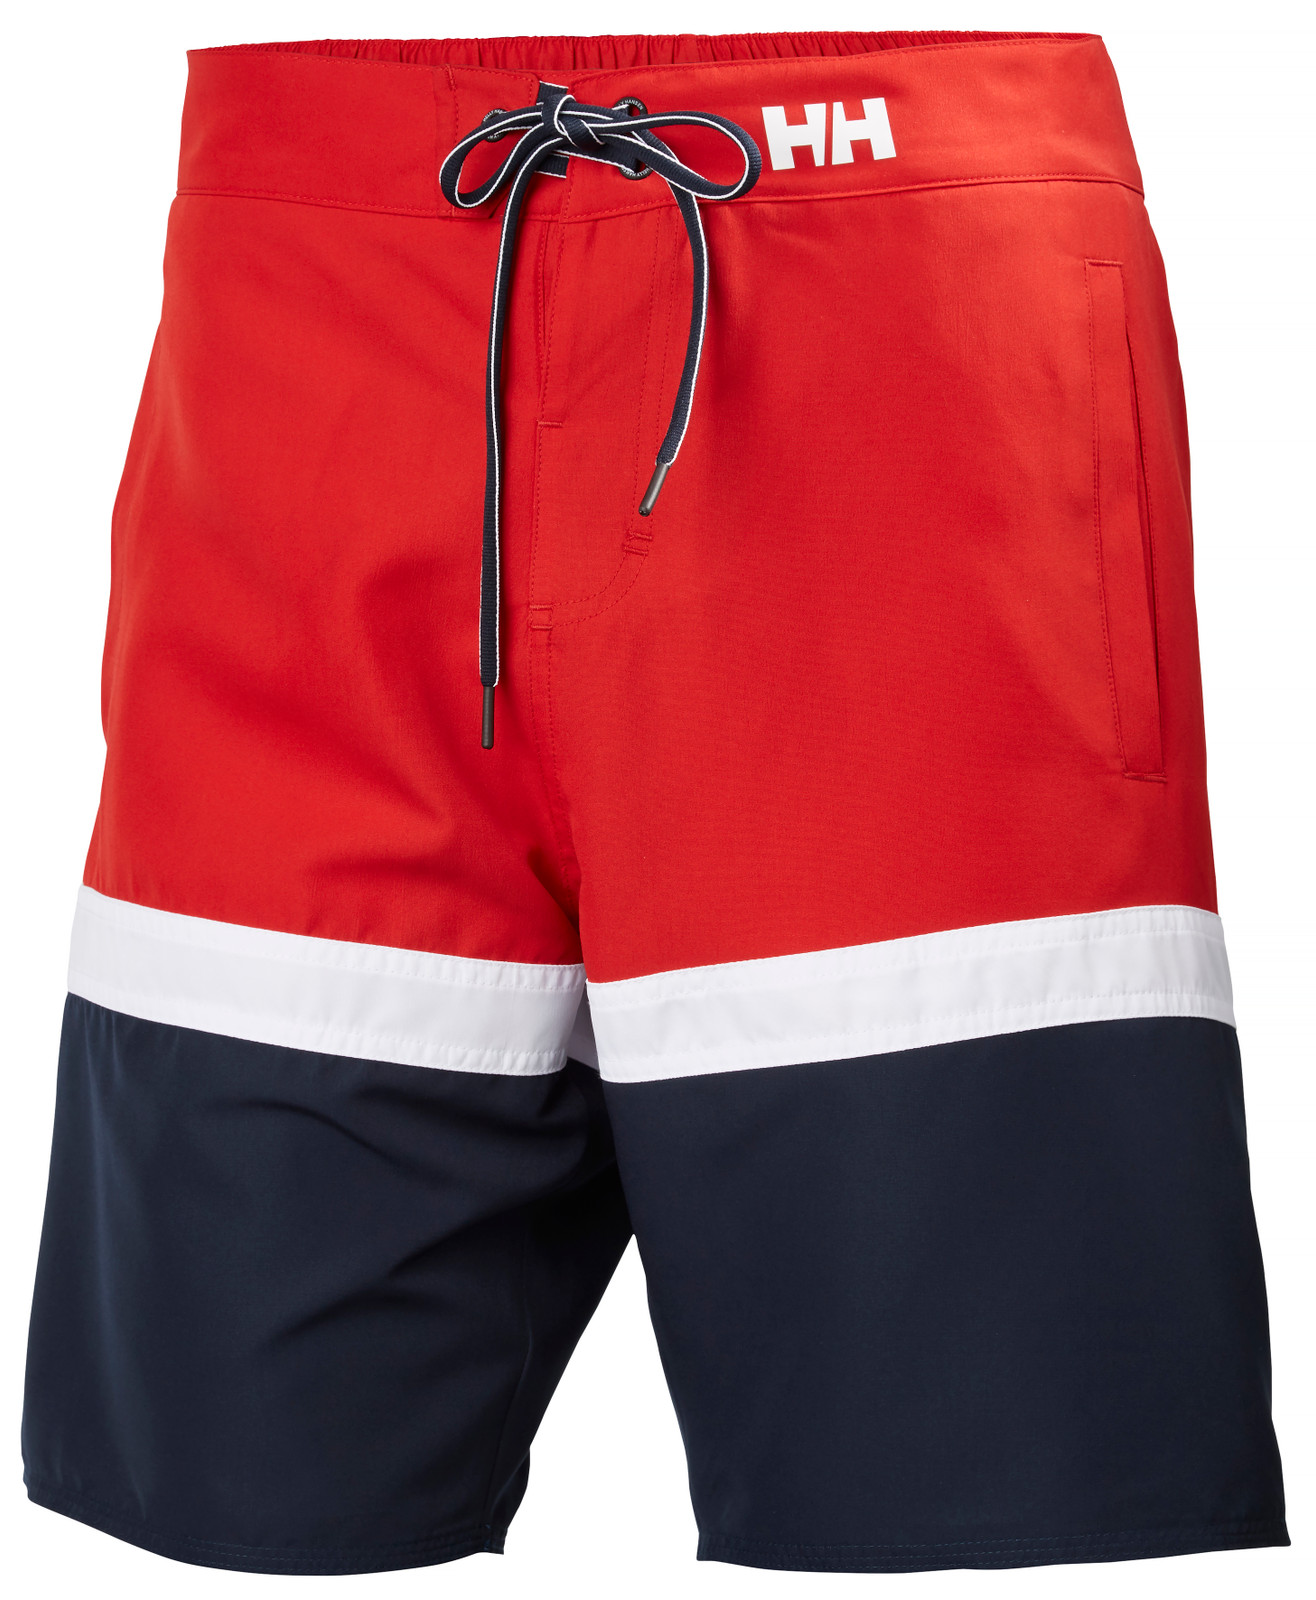 Helly Hansen Marstrand Trunk, Men's - Red/White/Navy, 33982-162